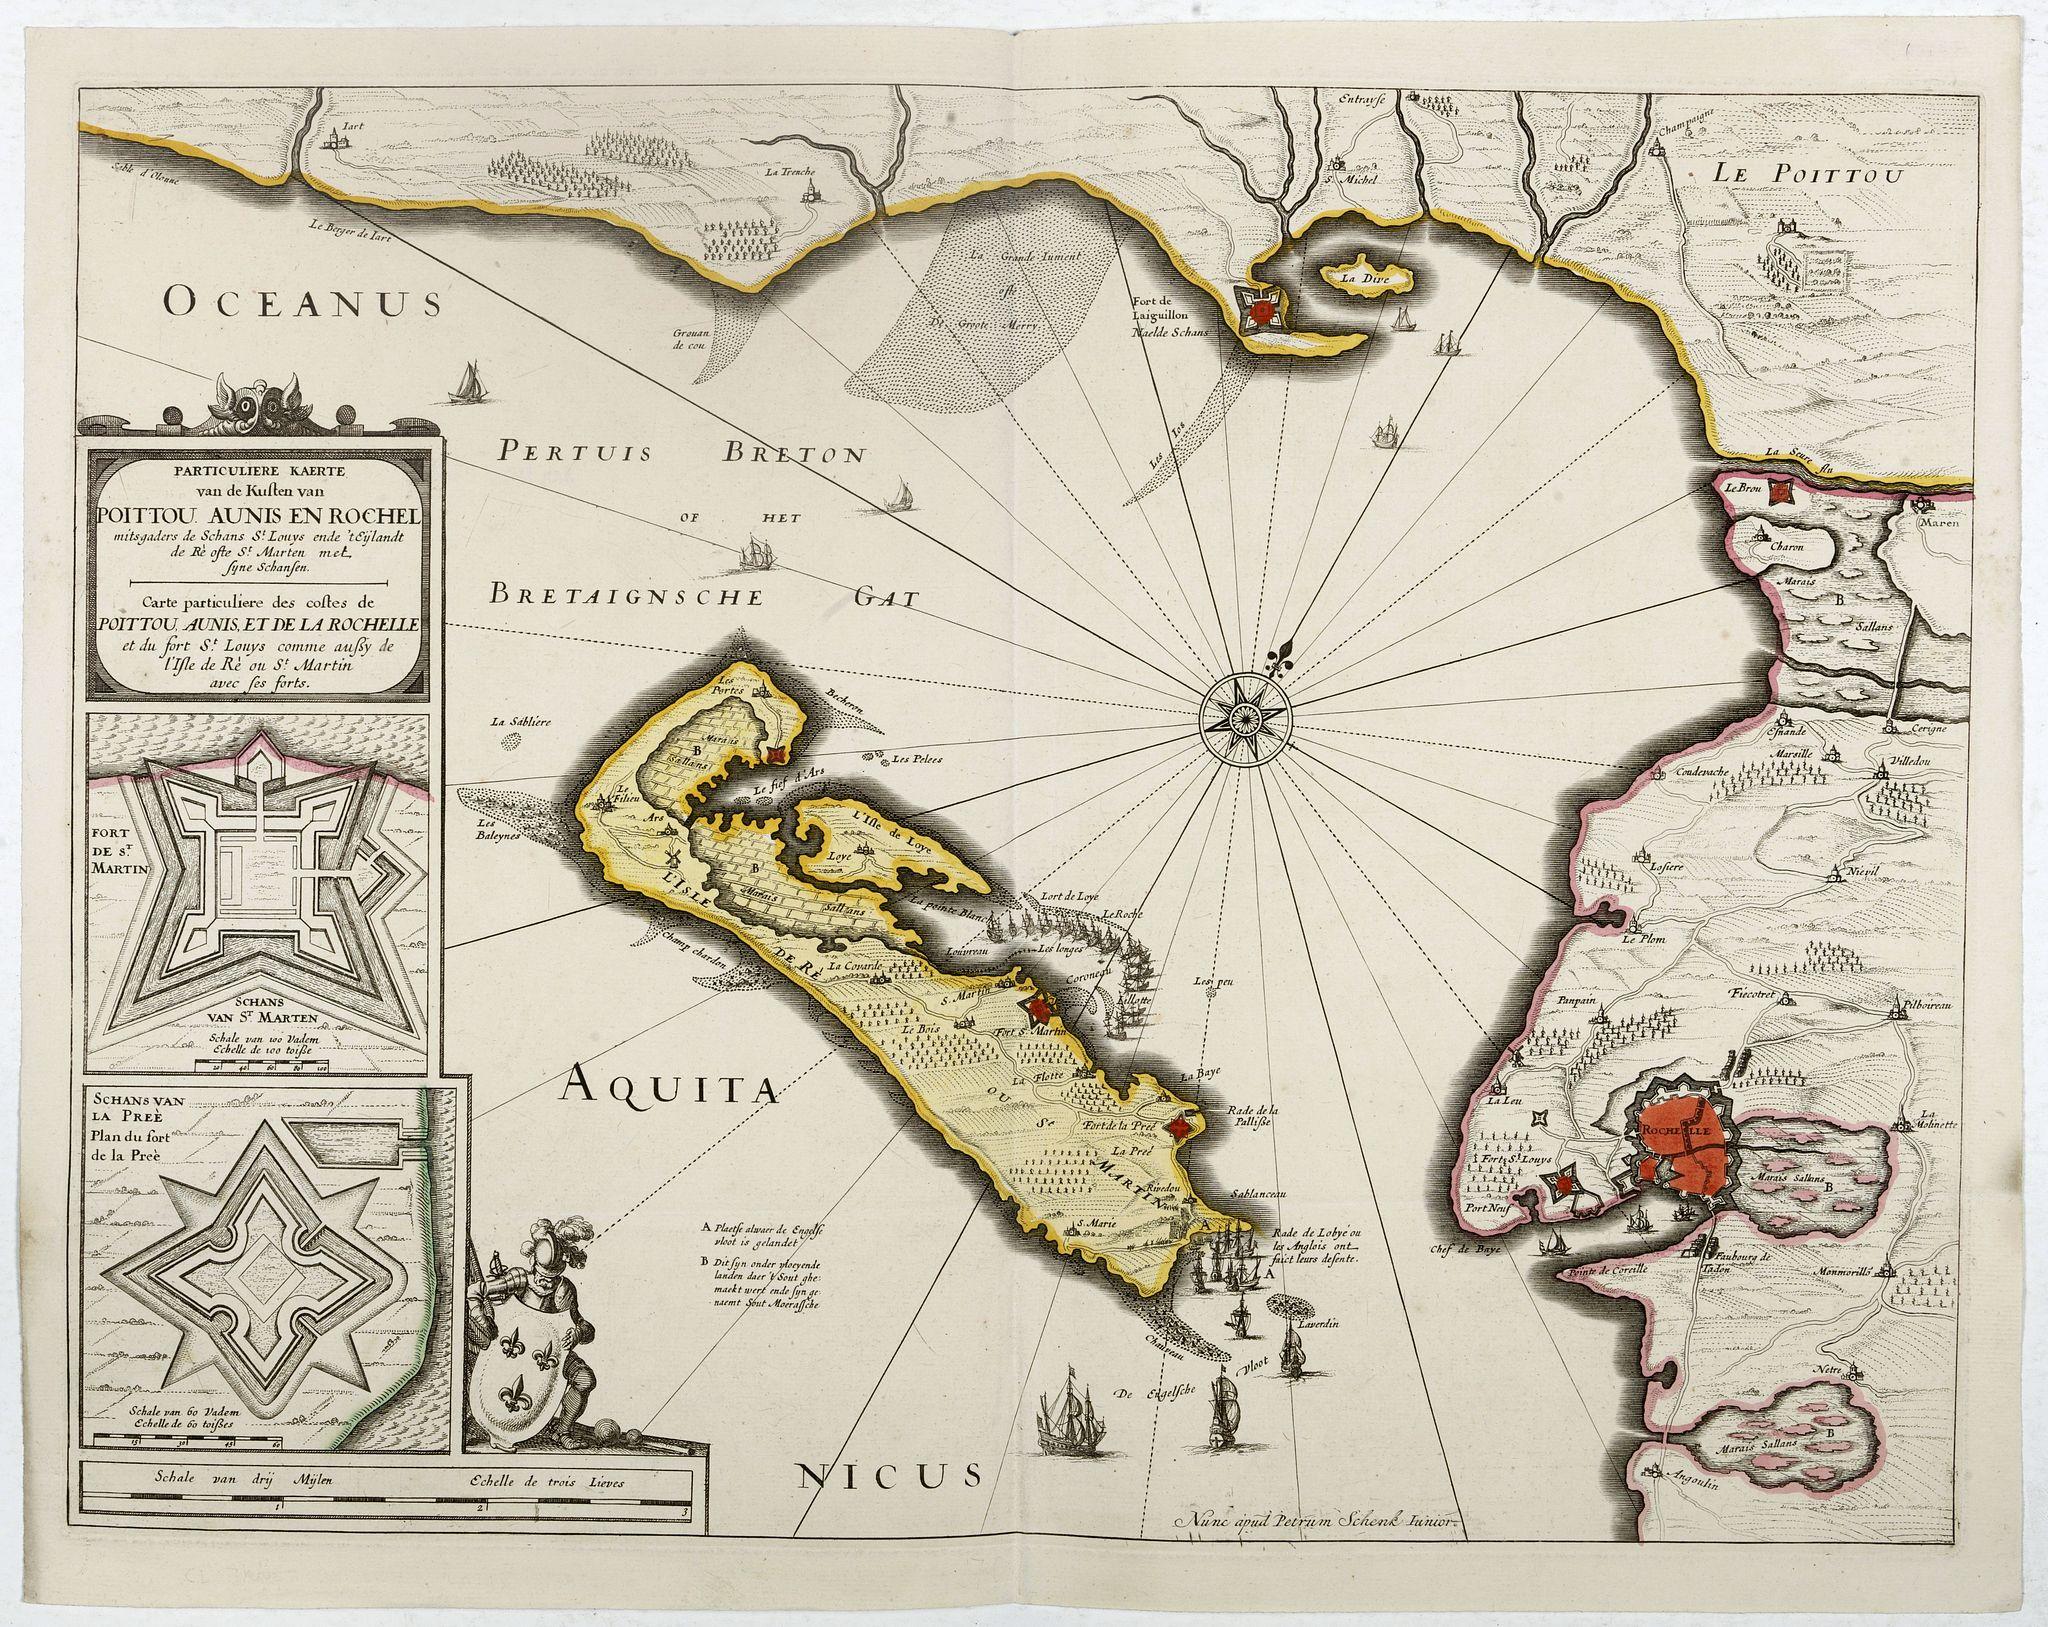 SCHENK, P. -  Carte particuliere des costes de Poittou, Aunis et de la Rochelle.